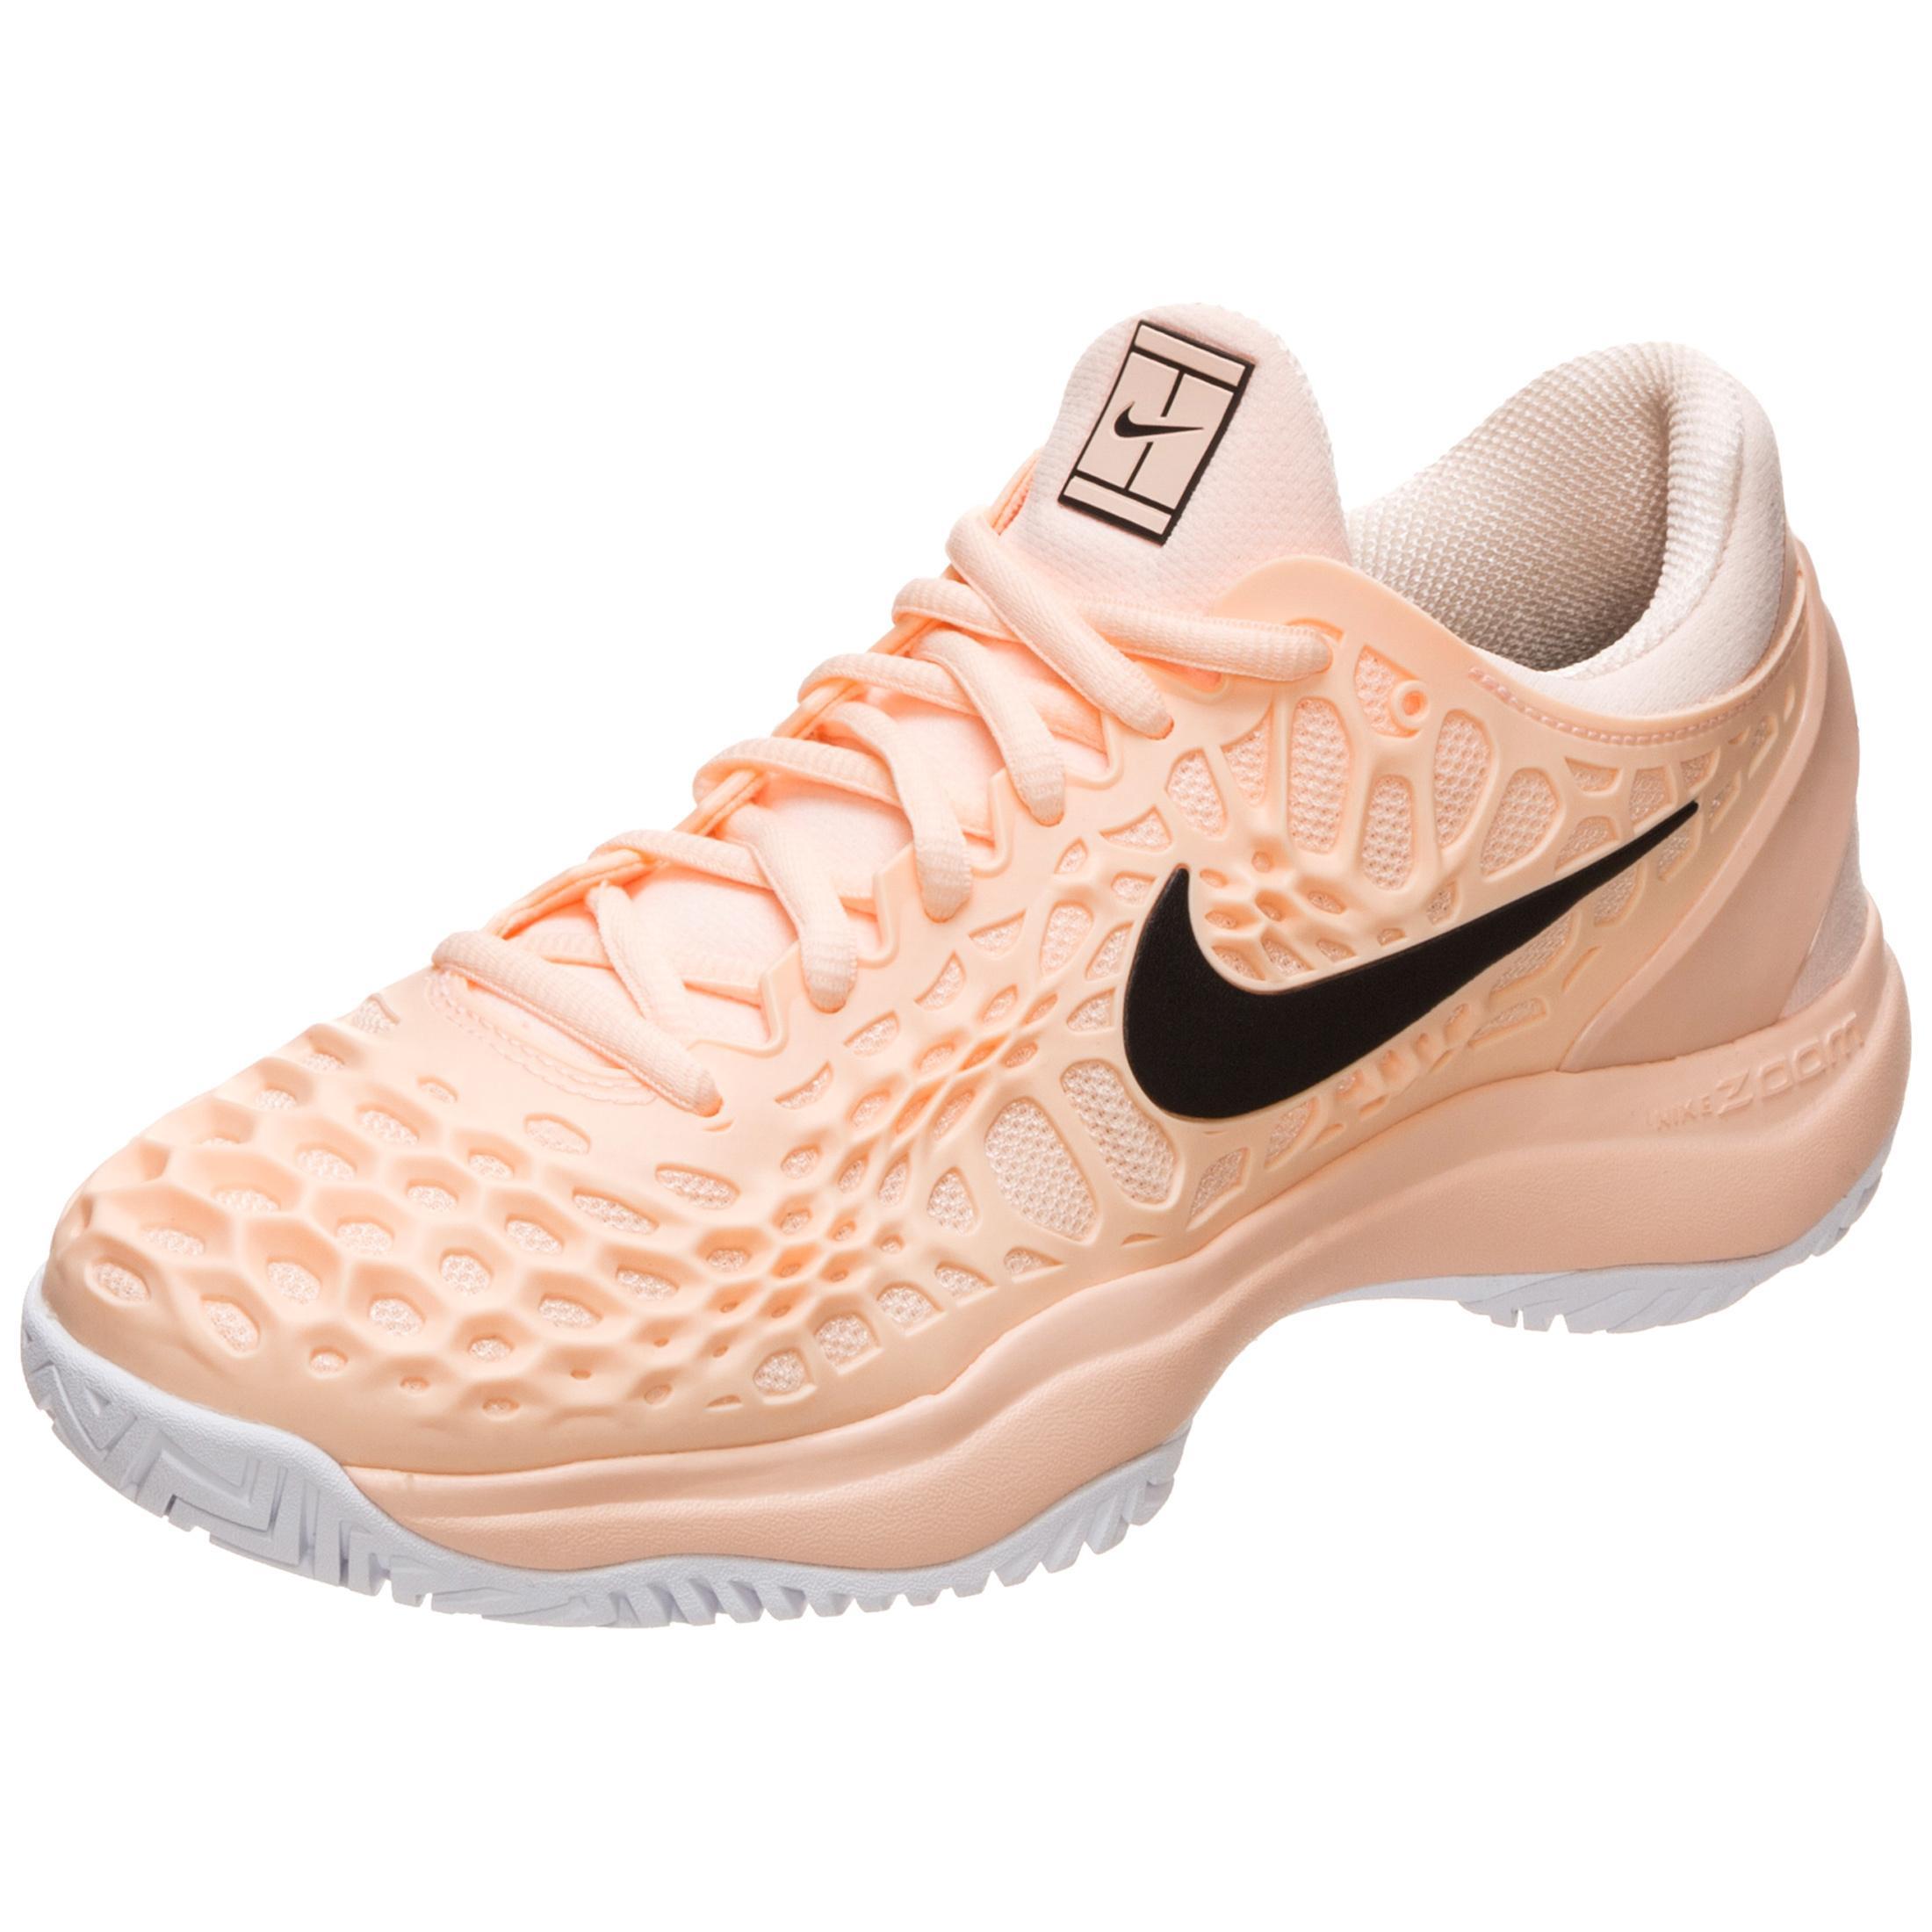 Nike Zoom Cage Cage Cage 3 Tennisschuhe Damen rosa im Online Shop von SportScheck kaufen Gute Qualität beliebte Schuhe c0a7b8